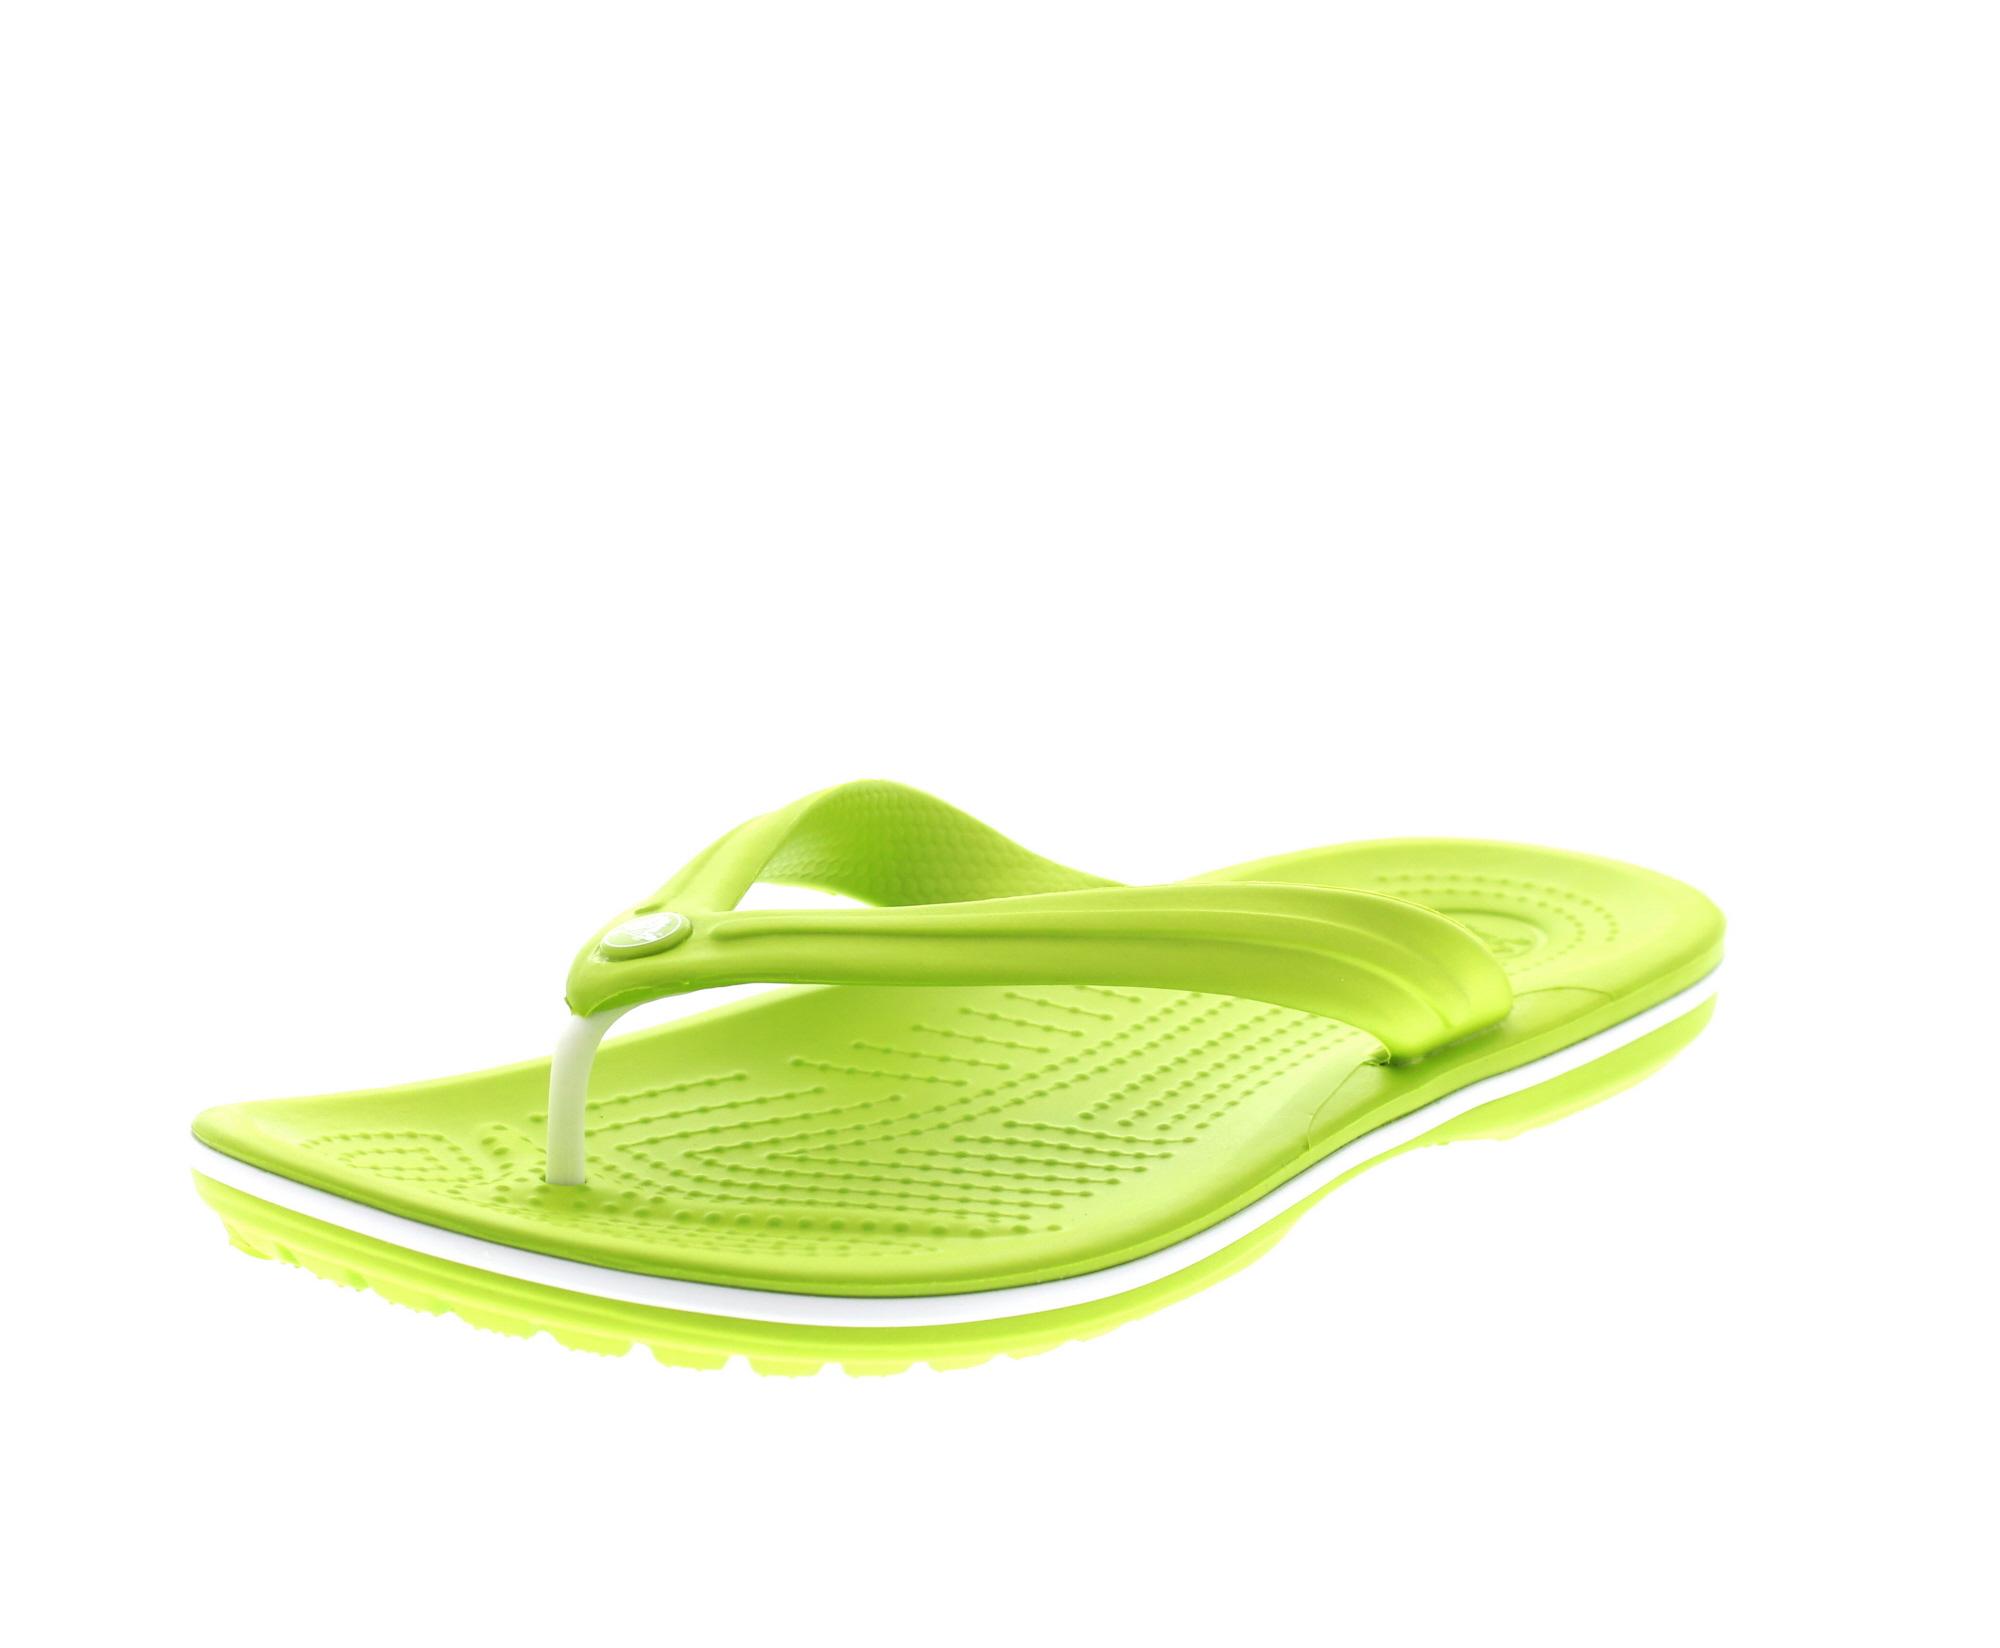 CROCS Schuhe - Zehentrenner CROCBAND FLIP - volt green0-6599